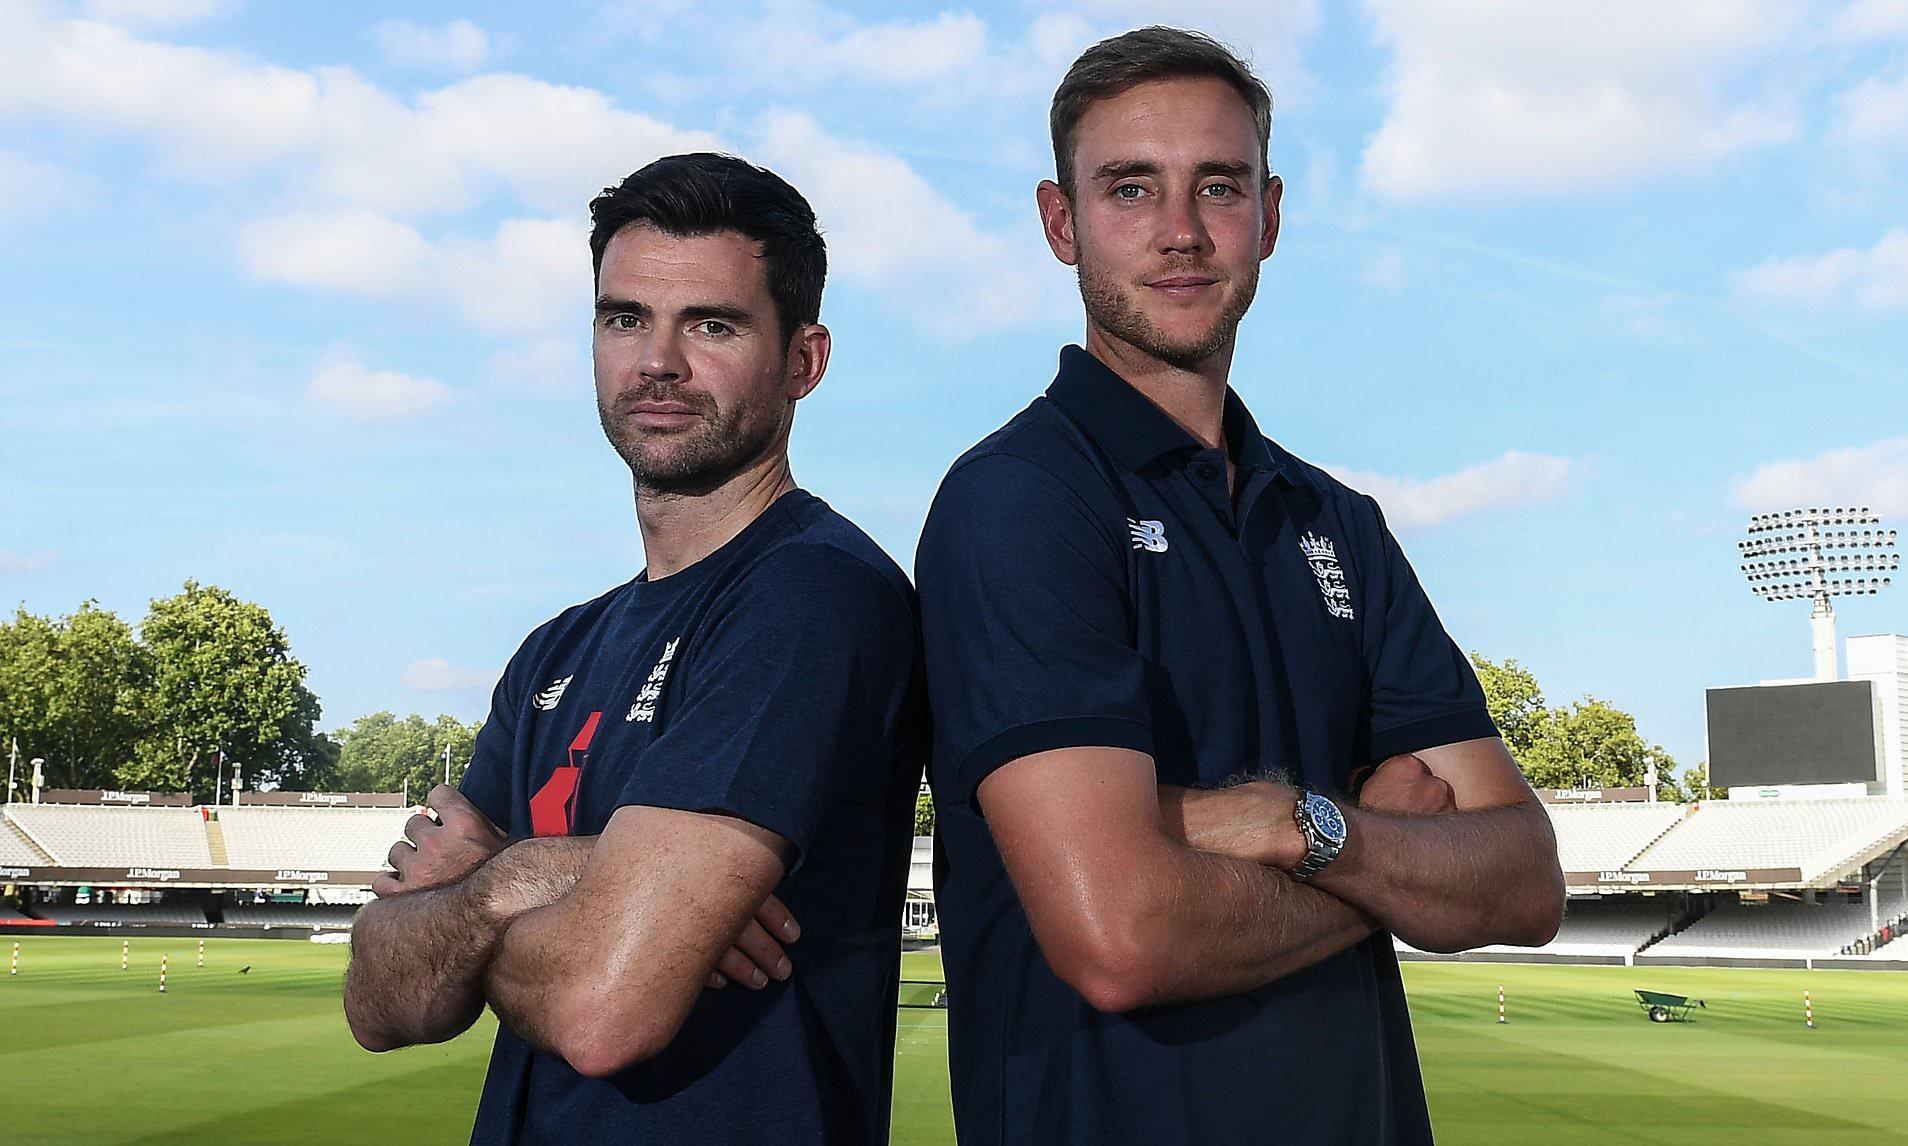 INDvsENG : तीसरे टेस्ट में स्टुअर्ट ब्रॉड और एंडरसन में से किसे मिलेगा मौका खुद ब्रॉड ने दिया अपडेट 2